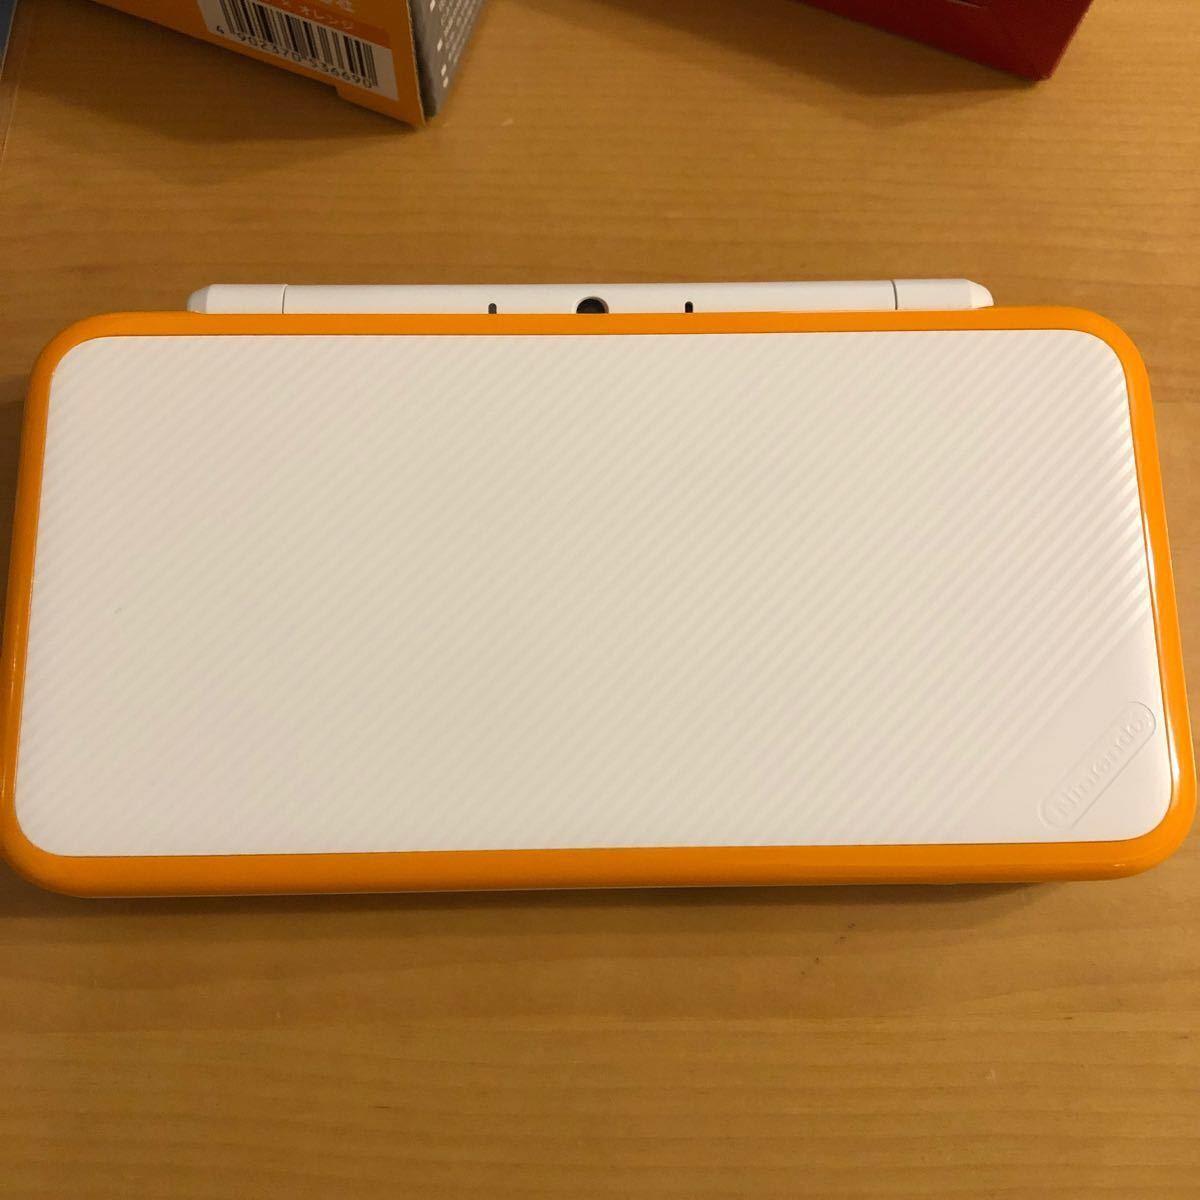 任天堂 New Nintendo 2DS LL ニンテンドー2DS 本体 ホワイト×オレンジ